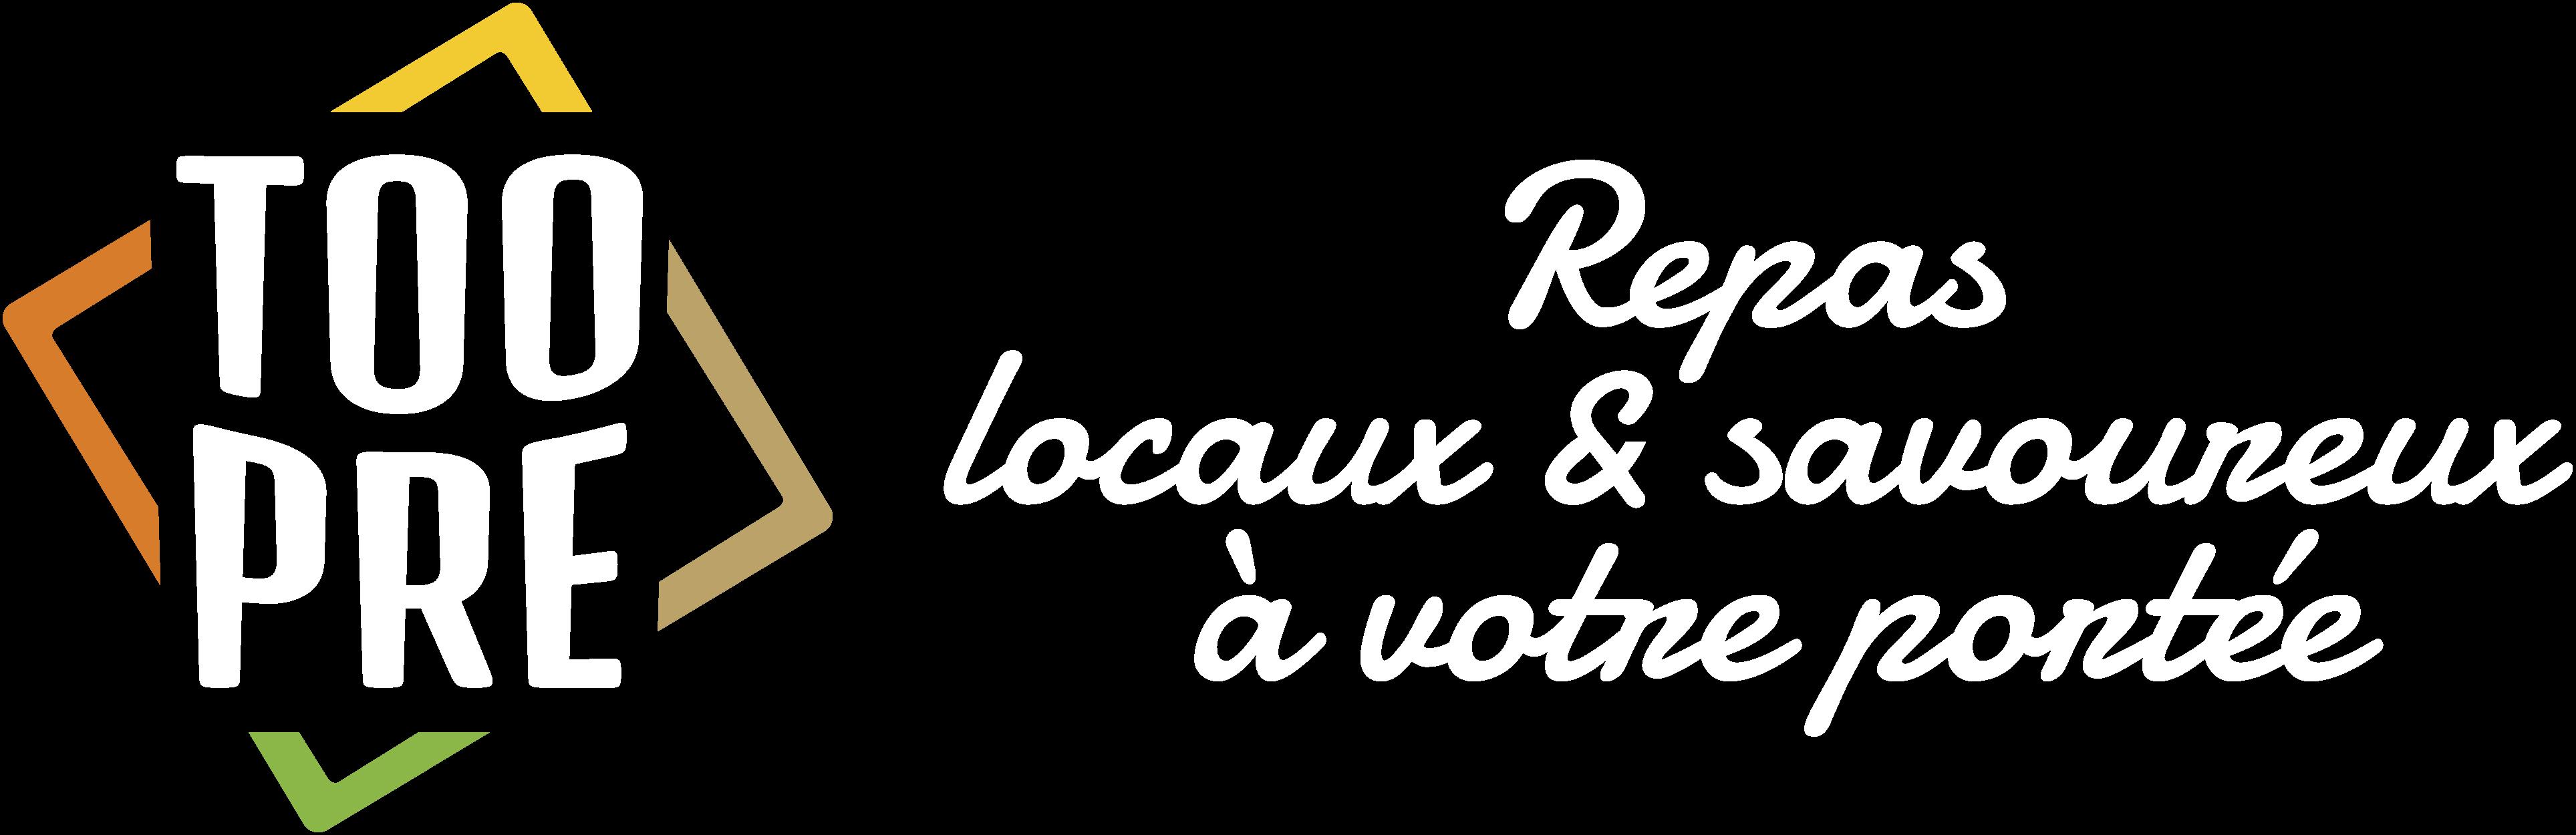 TOOPRE - Repas locaux & savoureux à votre portée